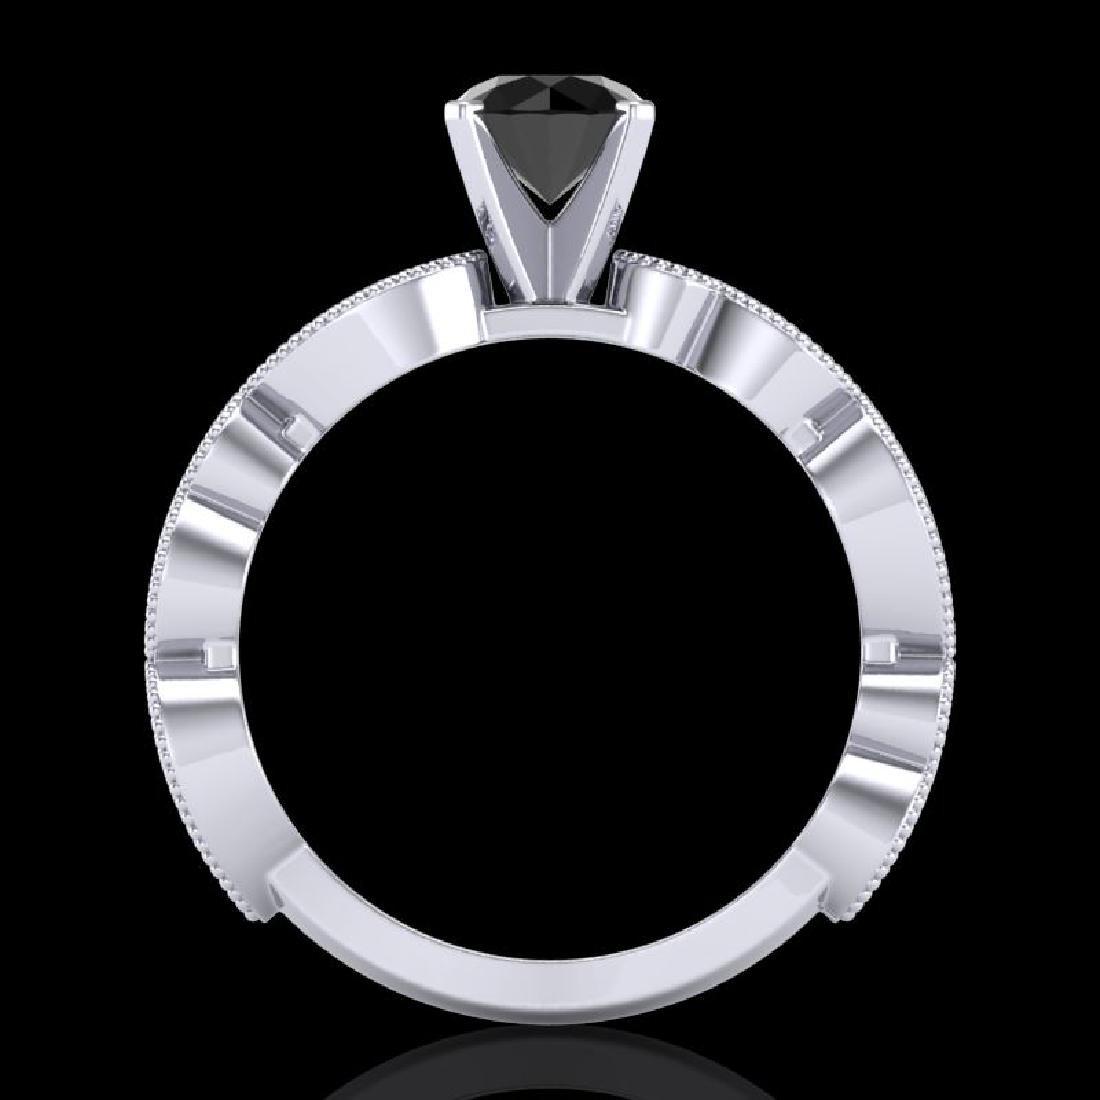 1.01 CTW Fancy Black Diamond Solitaire Engagement Art - 3